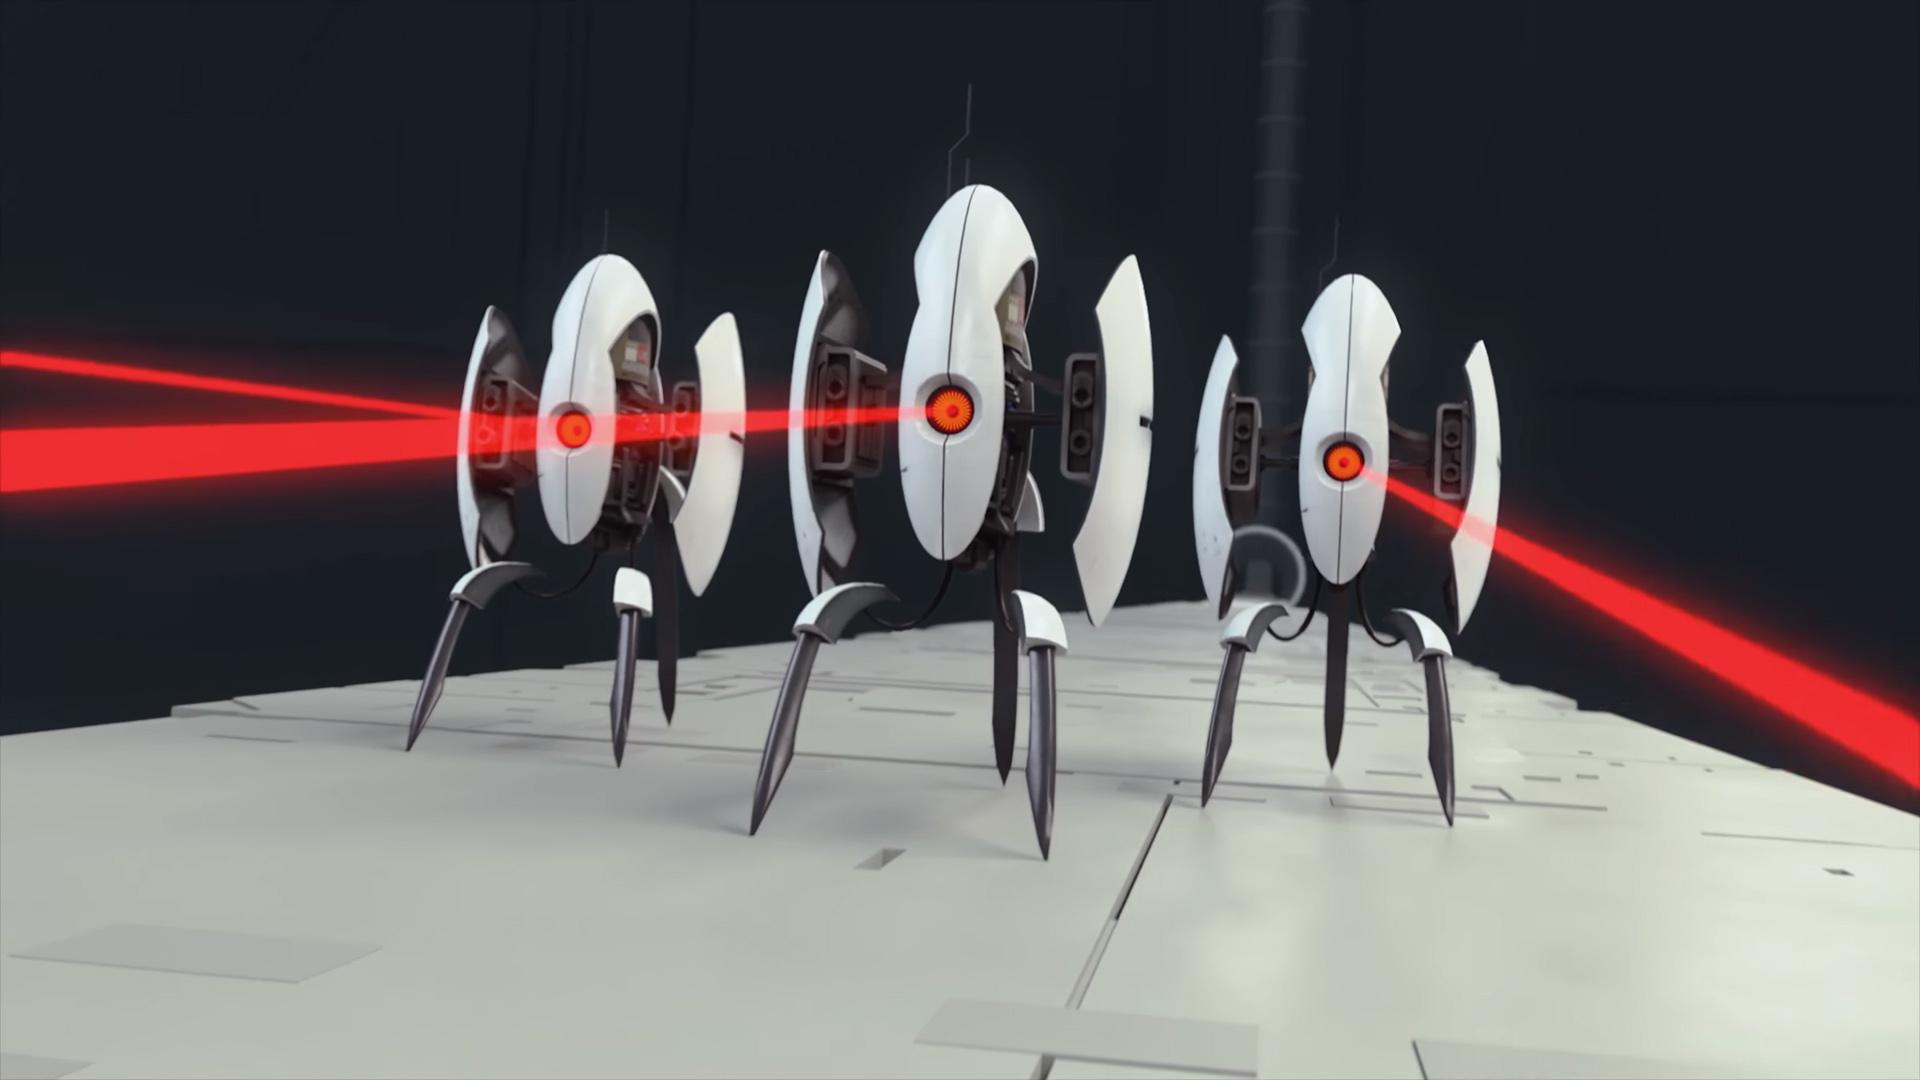 Авторы Bridge Constructor Portal работали с Valve, чтобы сохранить атмосферу Portal